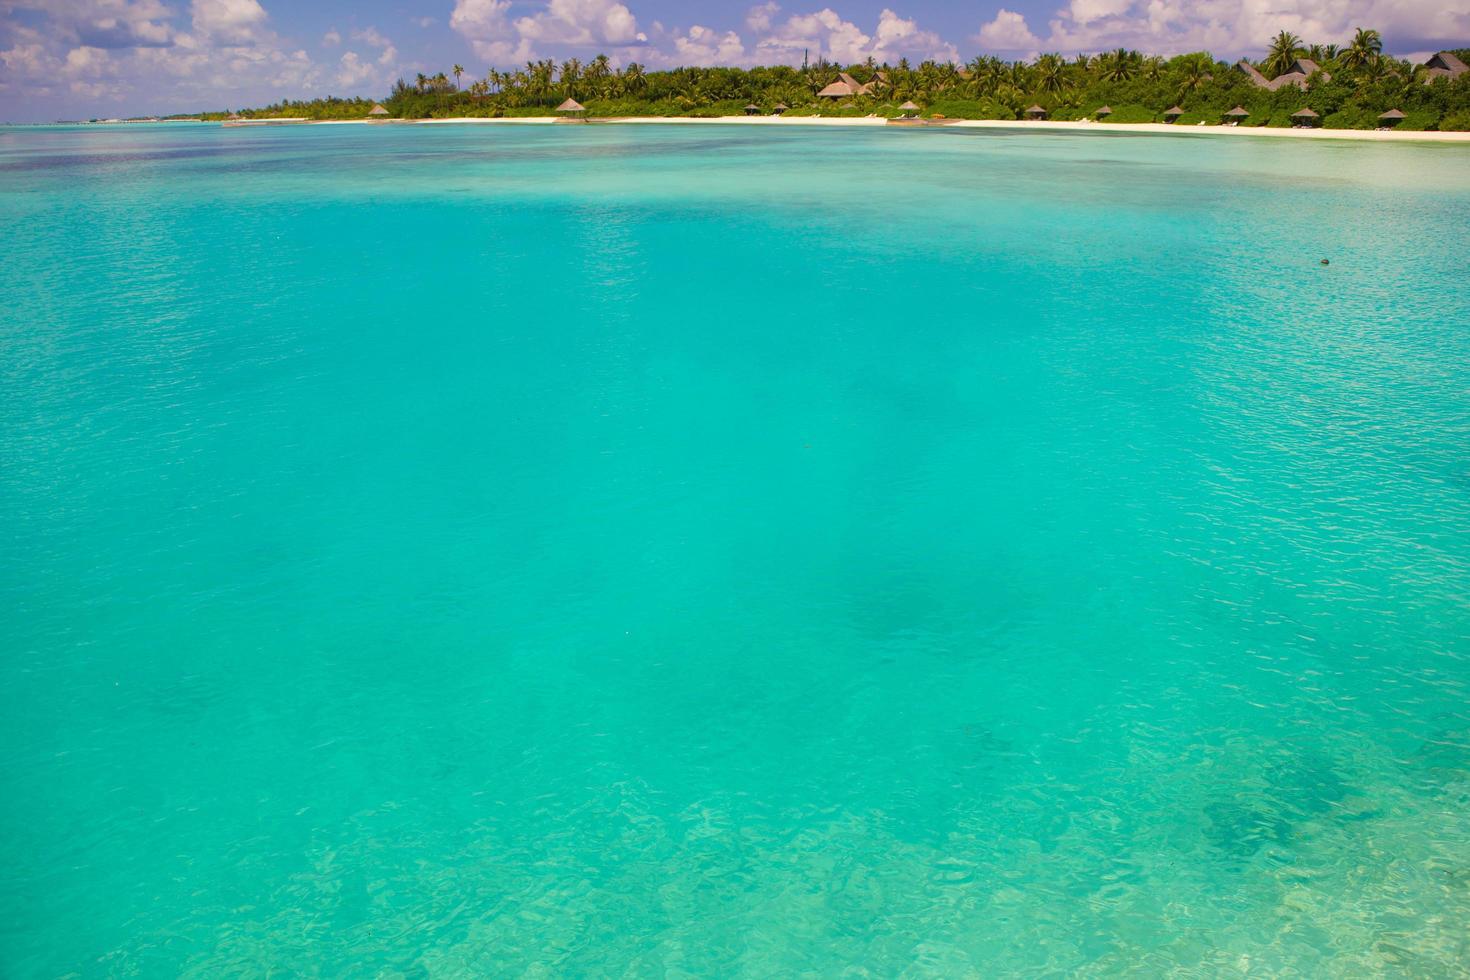 Malediven, Südasien, 2020 - türkisfarbenes Wasser auf einer tropischen Insel foto